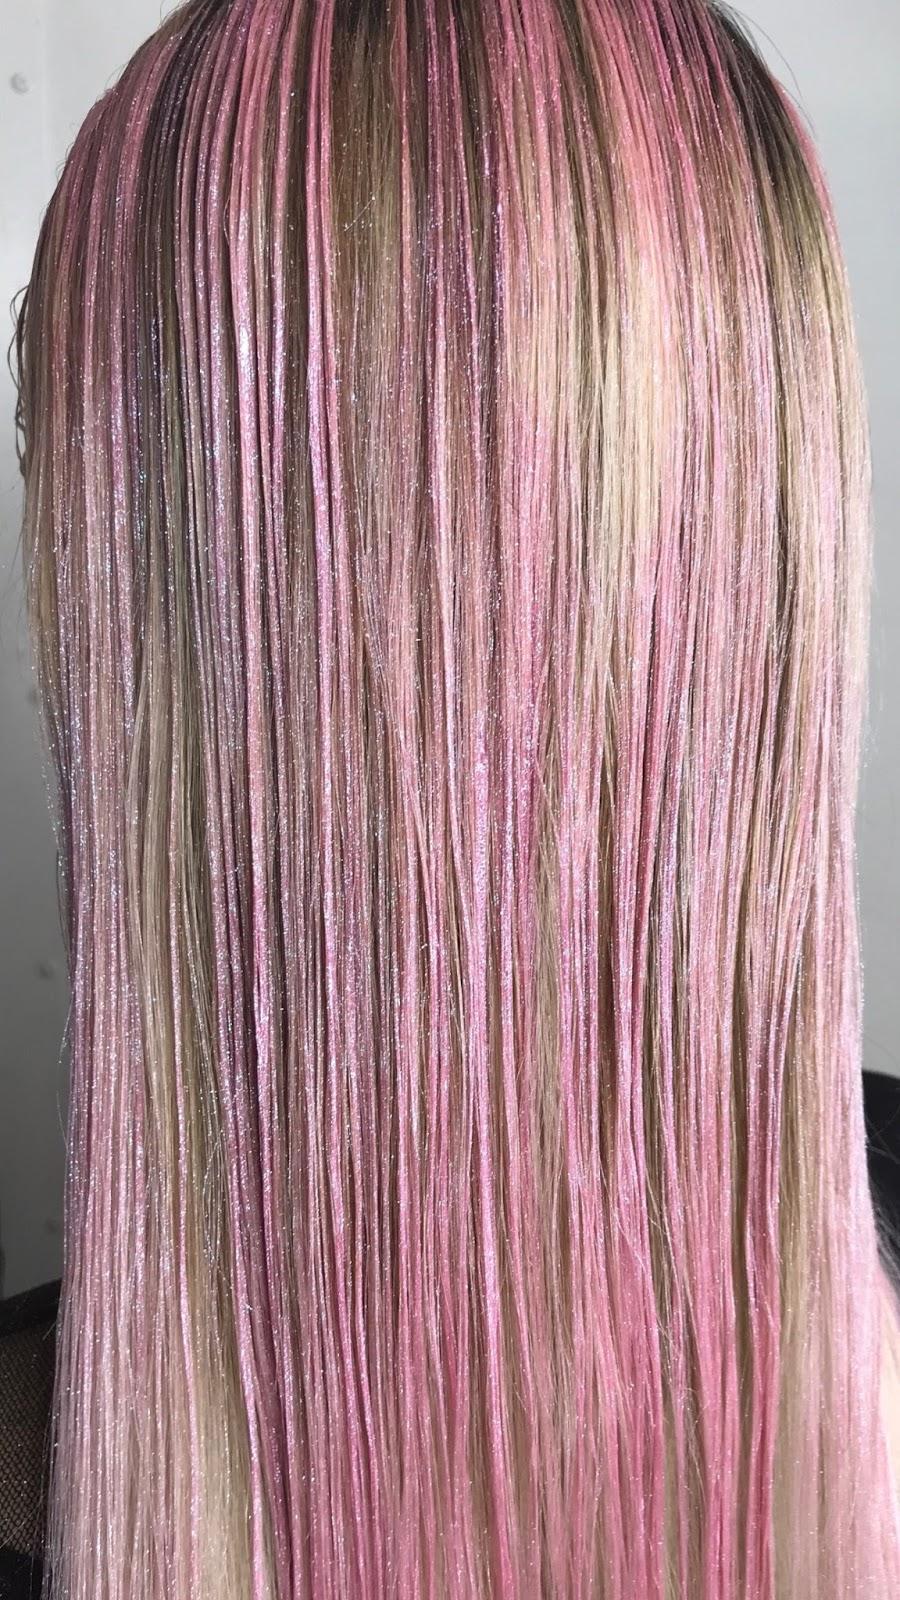 Foamo Holographic Hair Foam